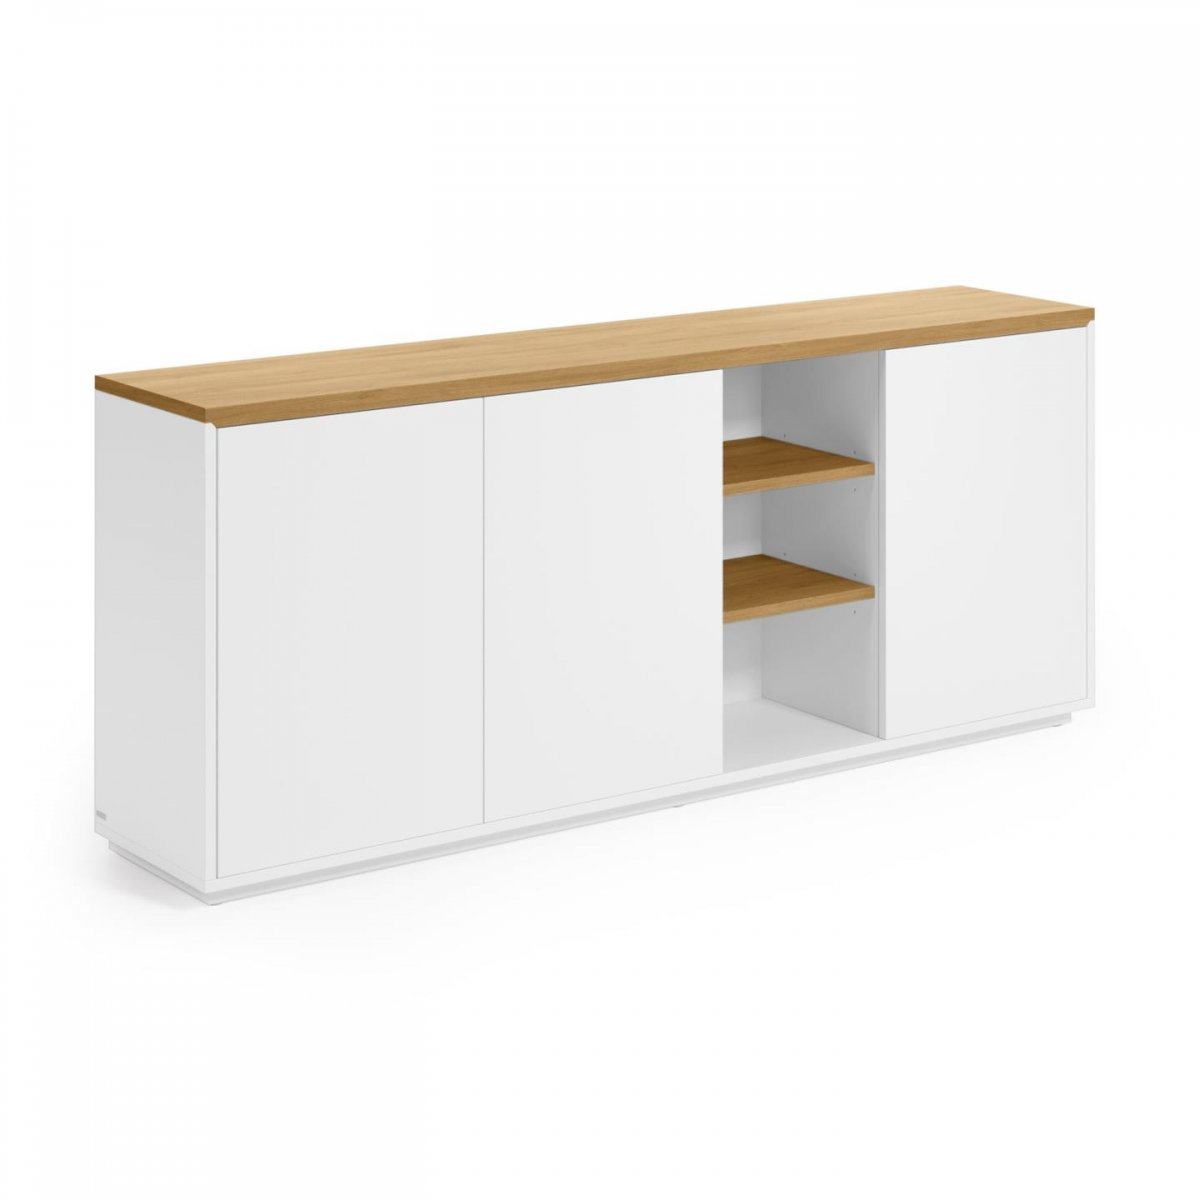 Keihome Linea J Credenza Abilen in legno e laccato bianco